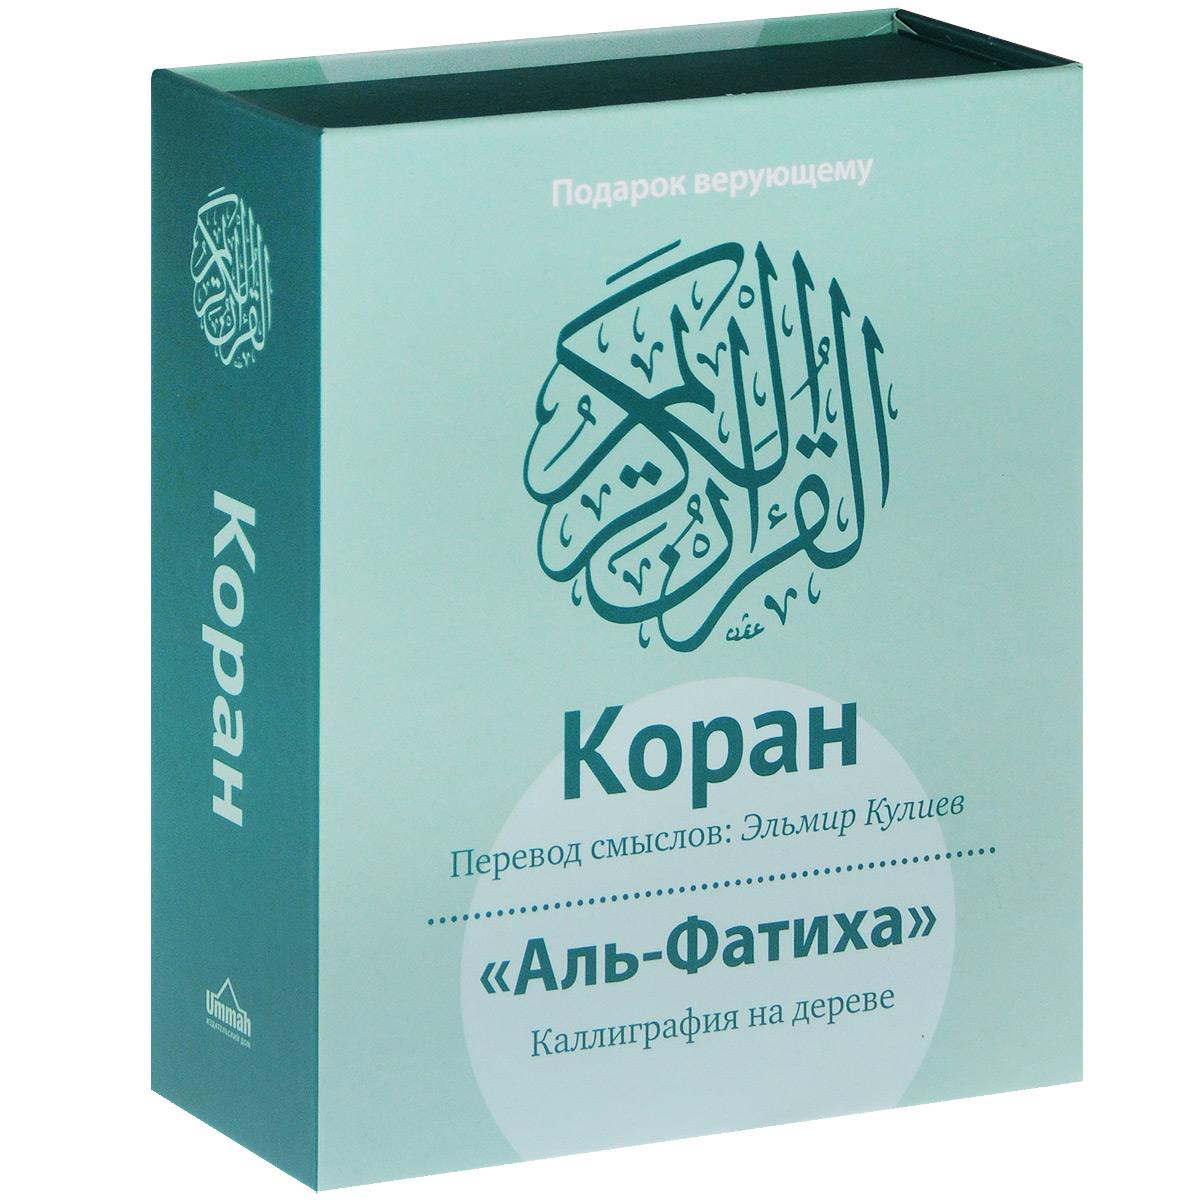 Коран (+ Аль-Фатиха каллиграфия на дереве)